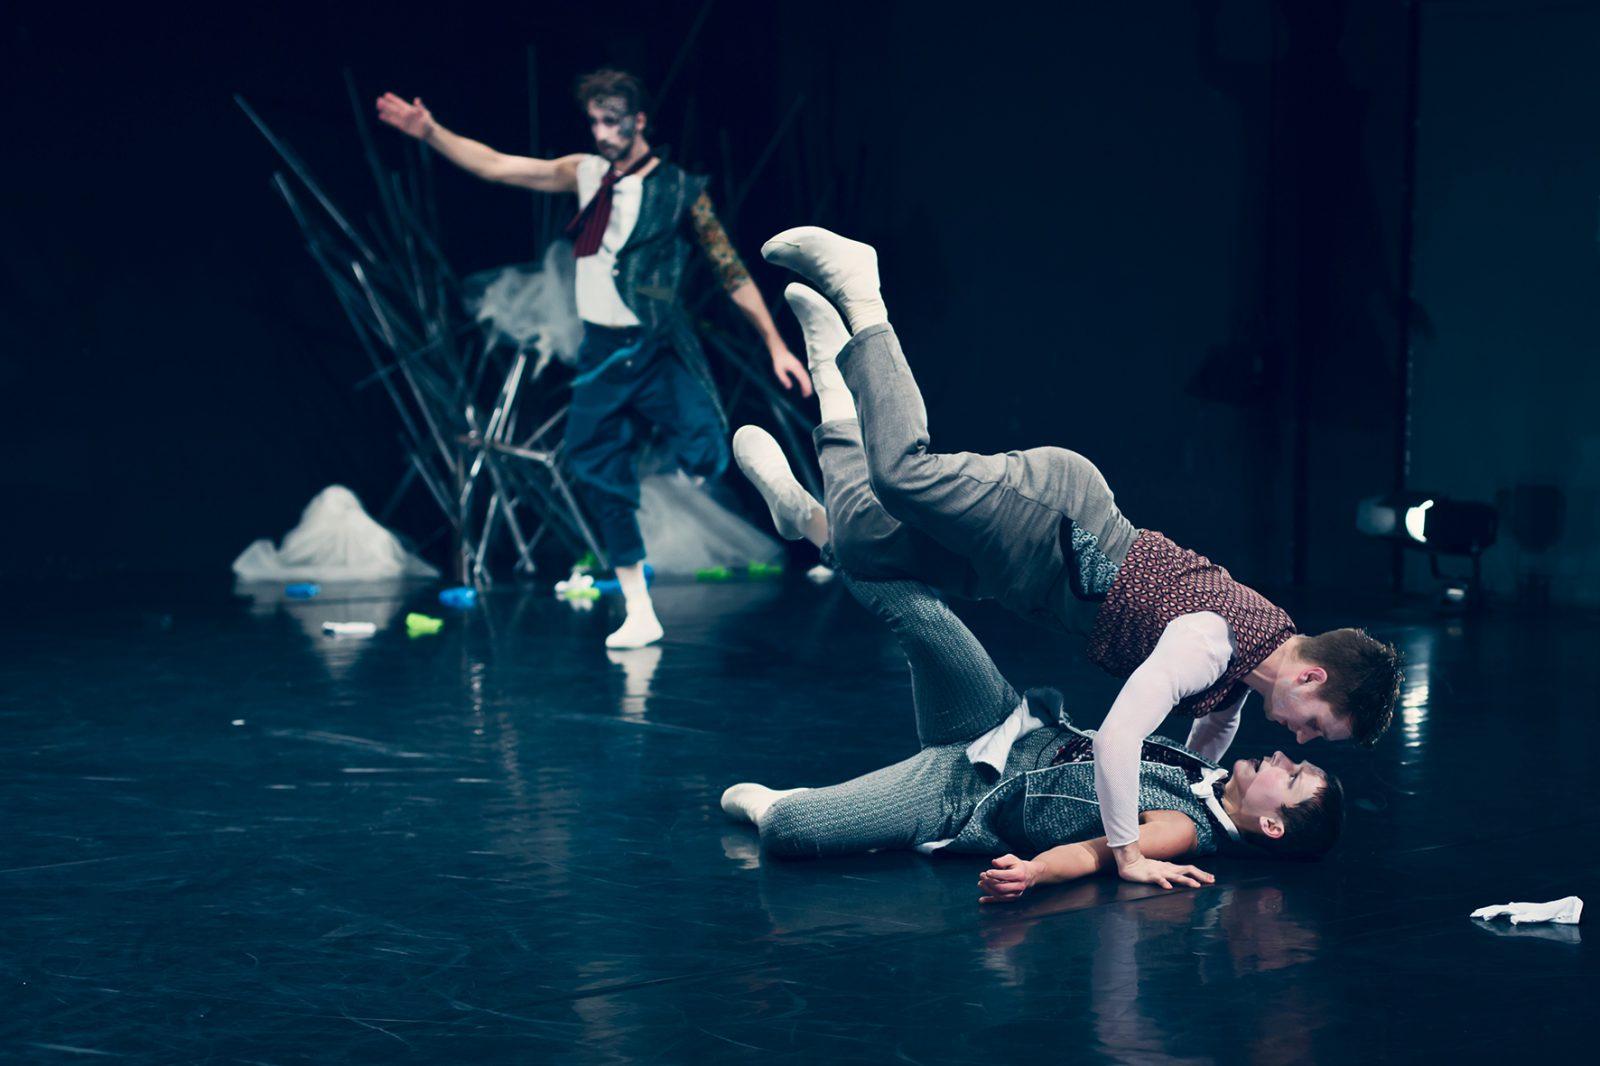 Tänzer über Tänzerin im Sprung